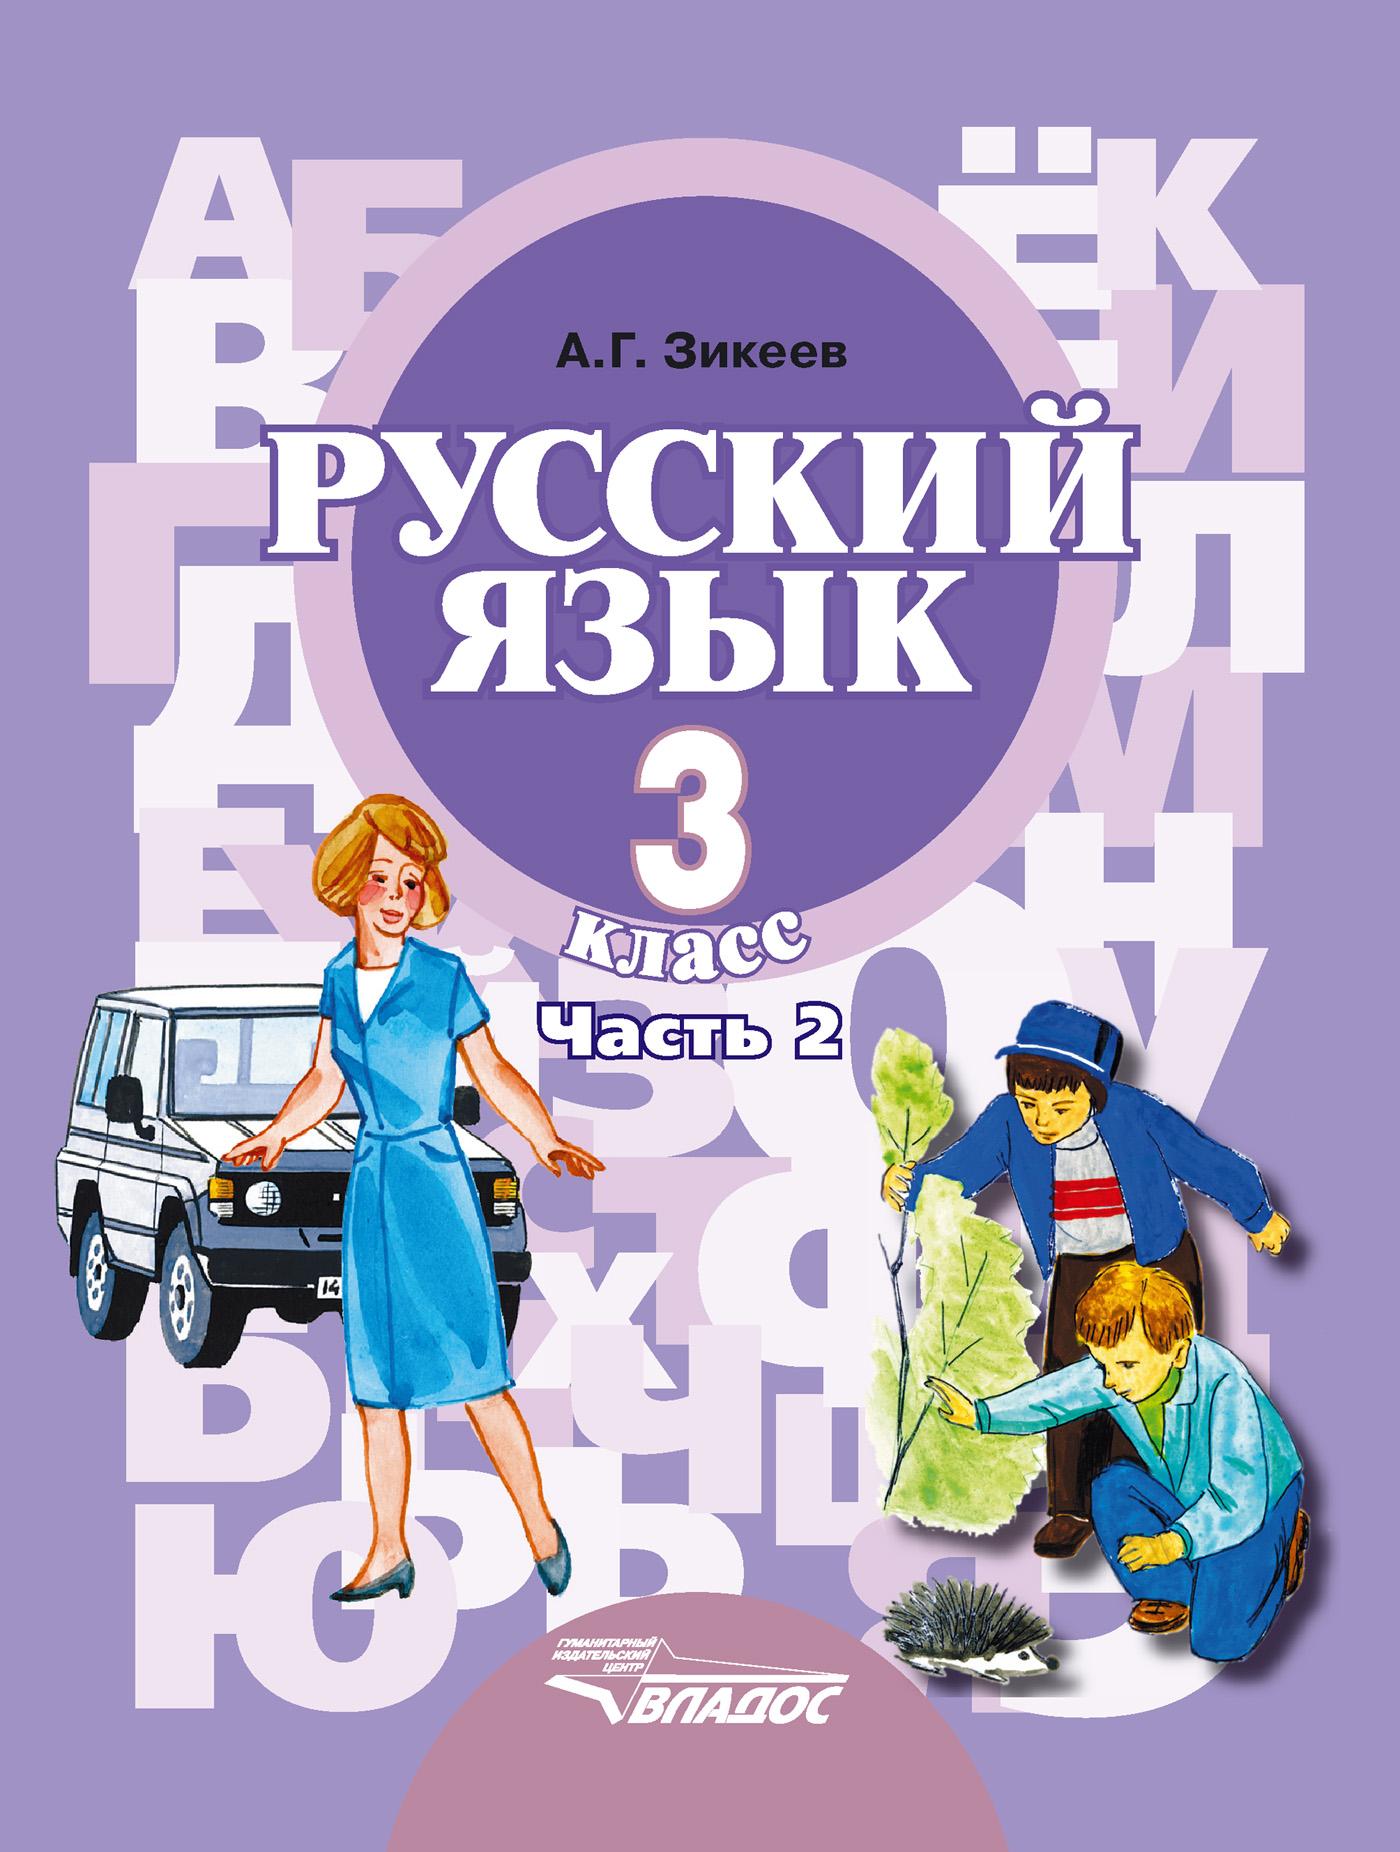 А. Г. Зикеев Русский язык. 3 класс. Часть 2 а г зикеев русский язык 1 класс часть 3